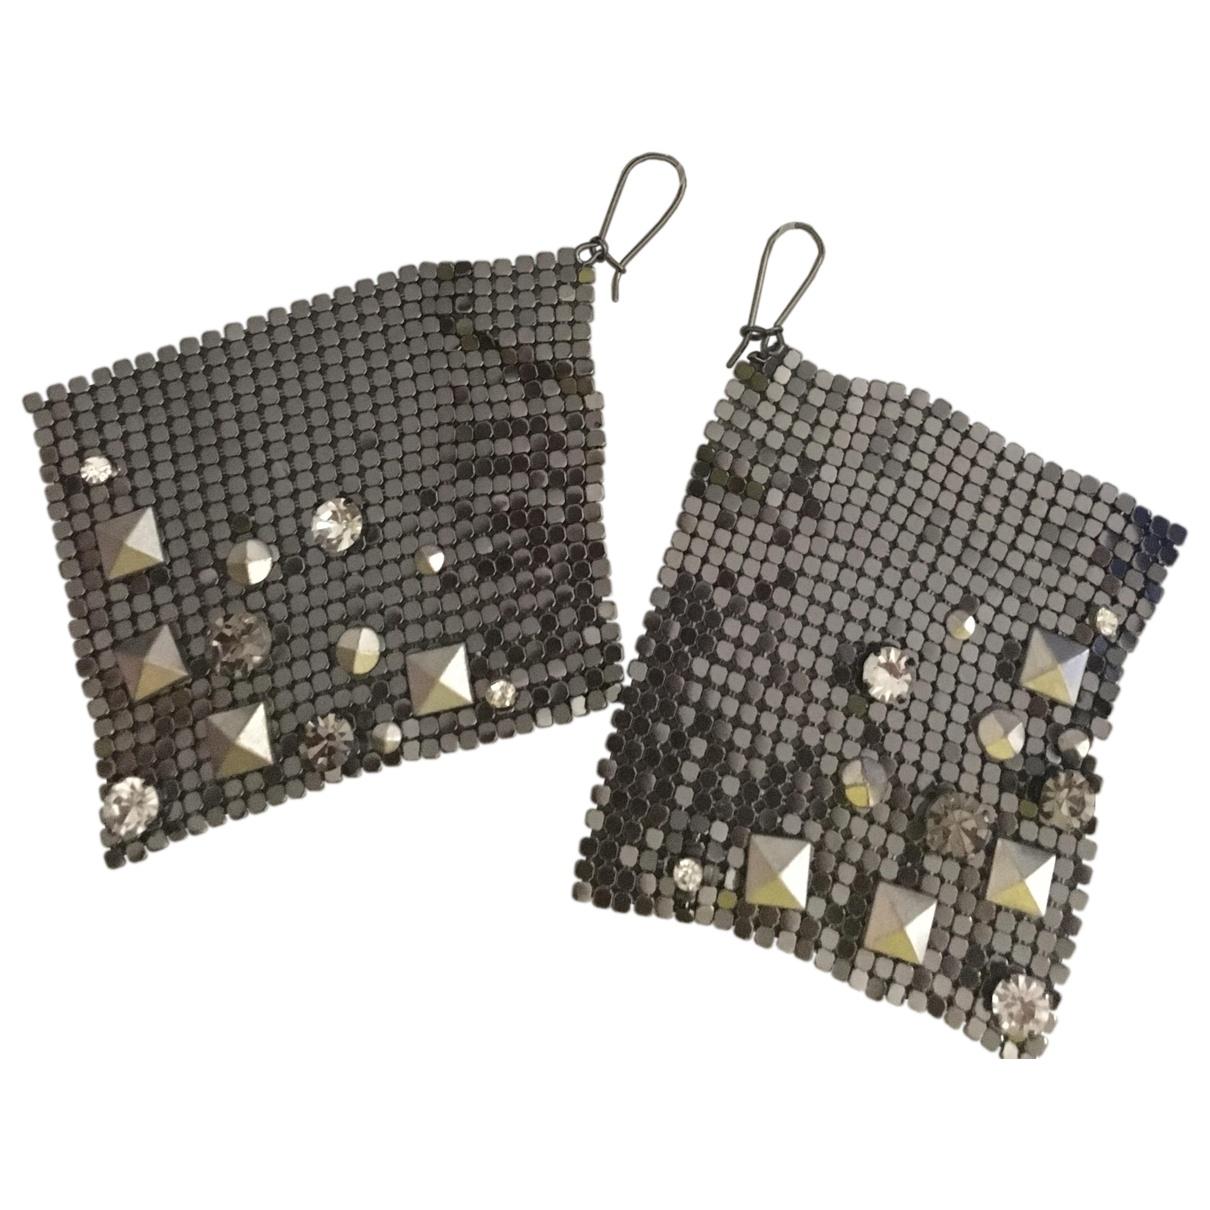 Jimmy Choo For H&m - Boucles doreilles   pour femme en metal - anthracite